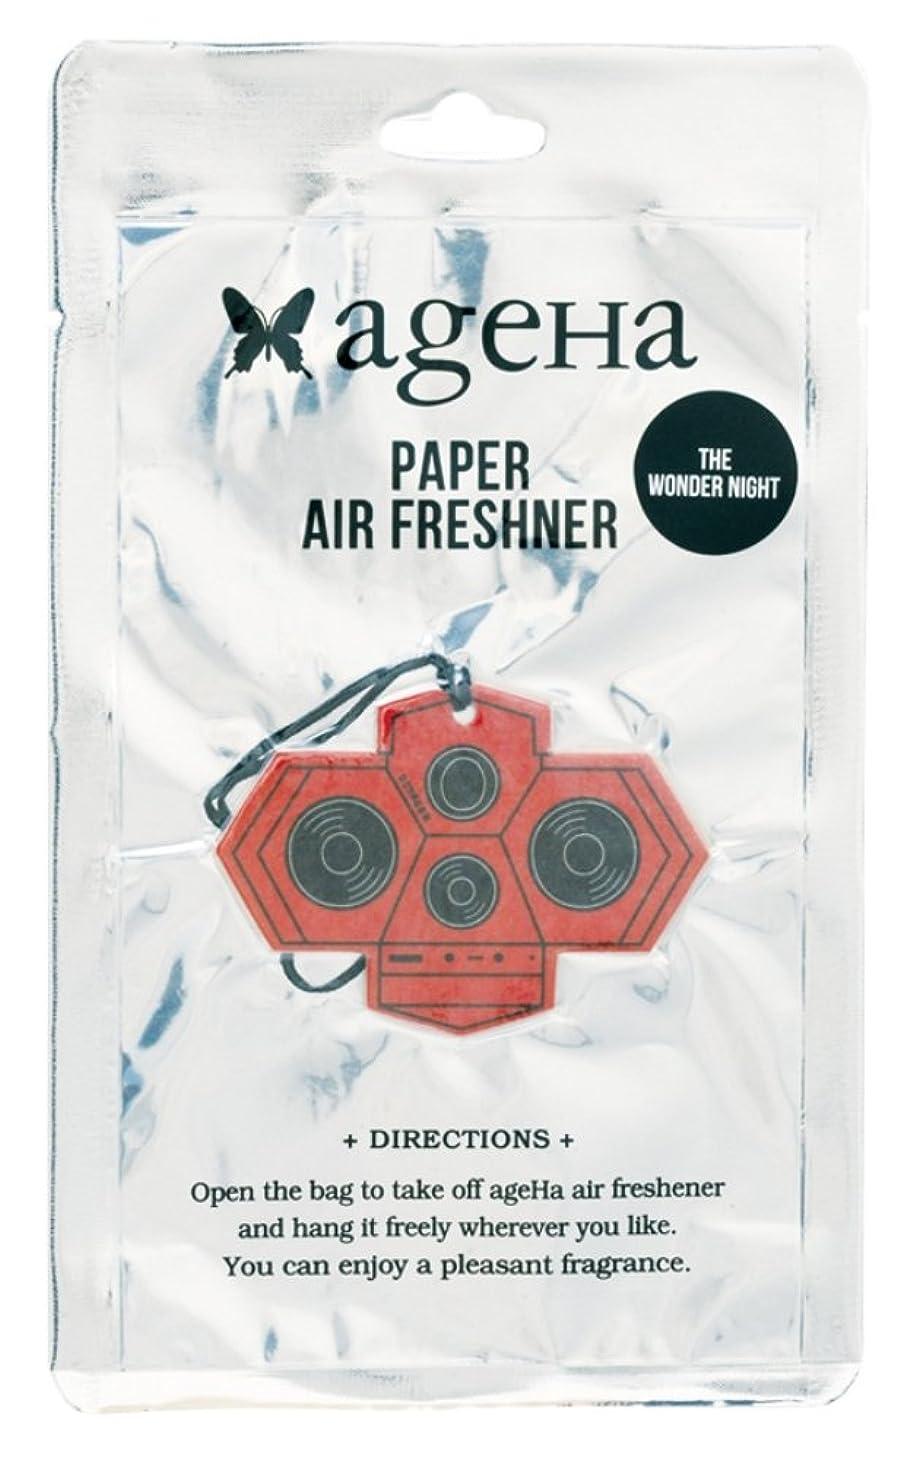 ageha エアーフレッシュナー スピーカー 吊り下げ ワンダーナイトの香り OA-AGE-3-2